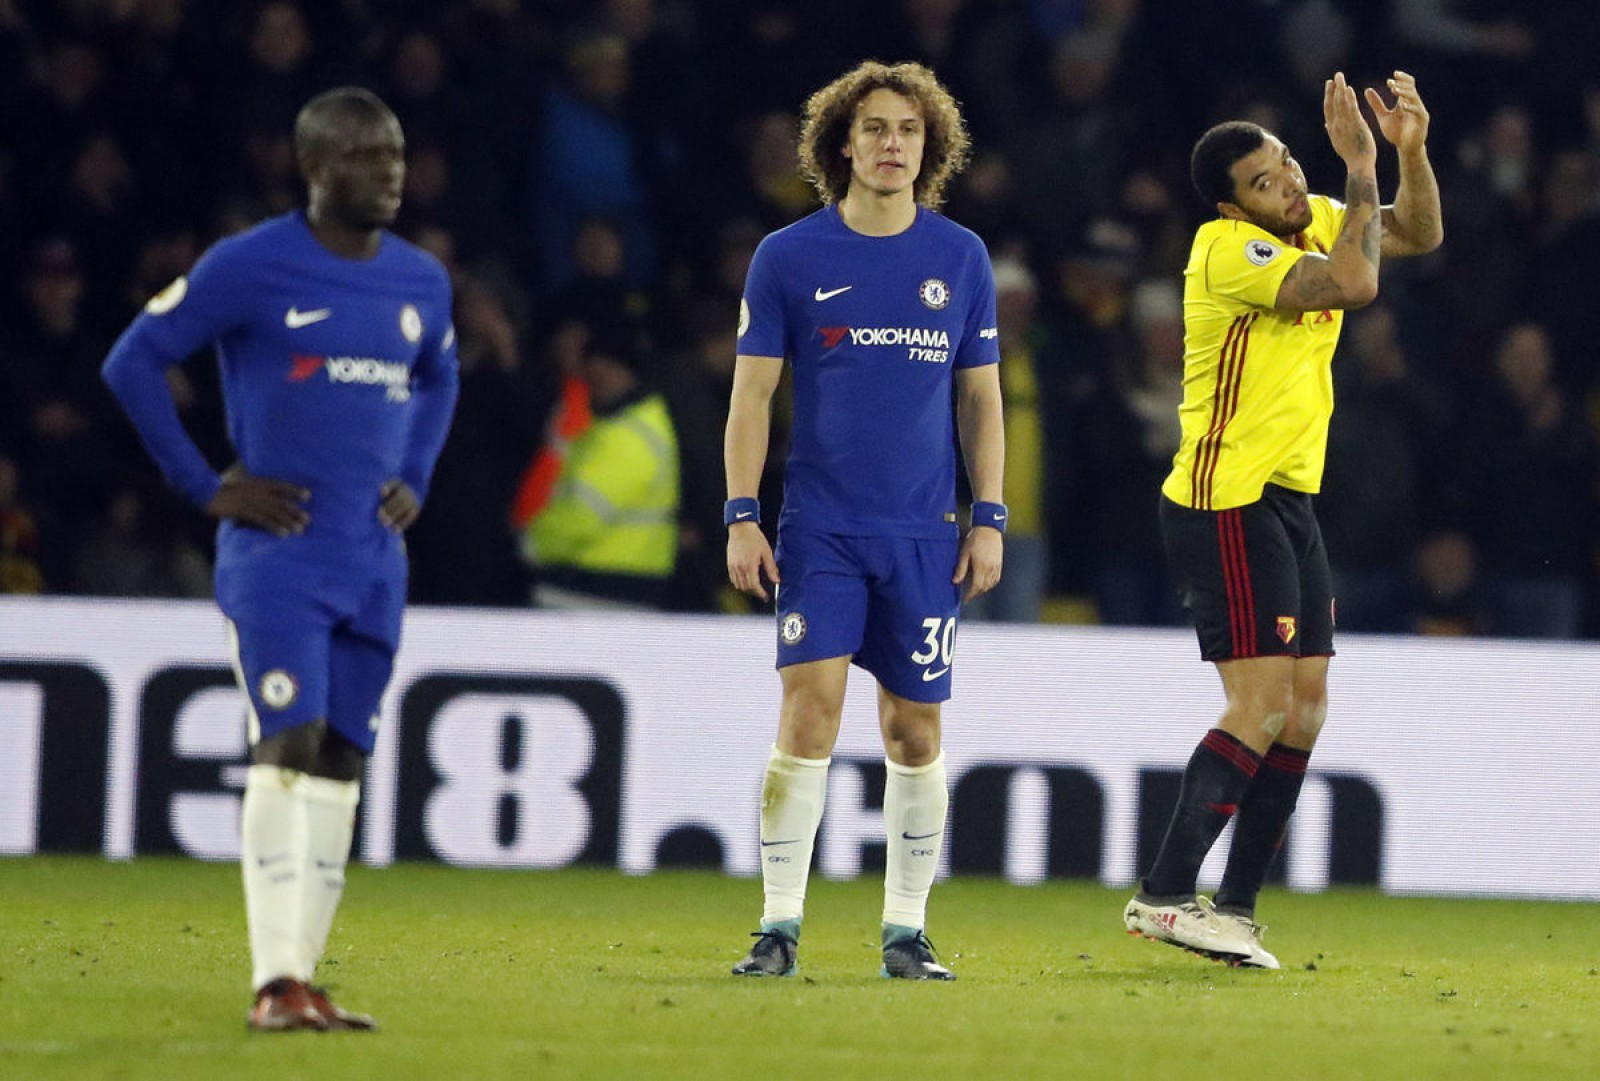 Chelsea Londra a fost umilită în Premier League de Watford. Echipa lui Conte a suferit a doua înfrângere consecutivă în campionat